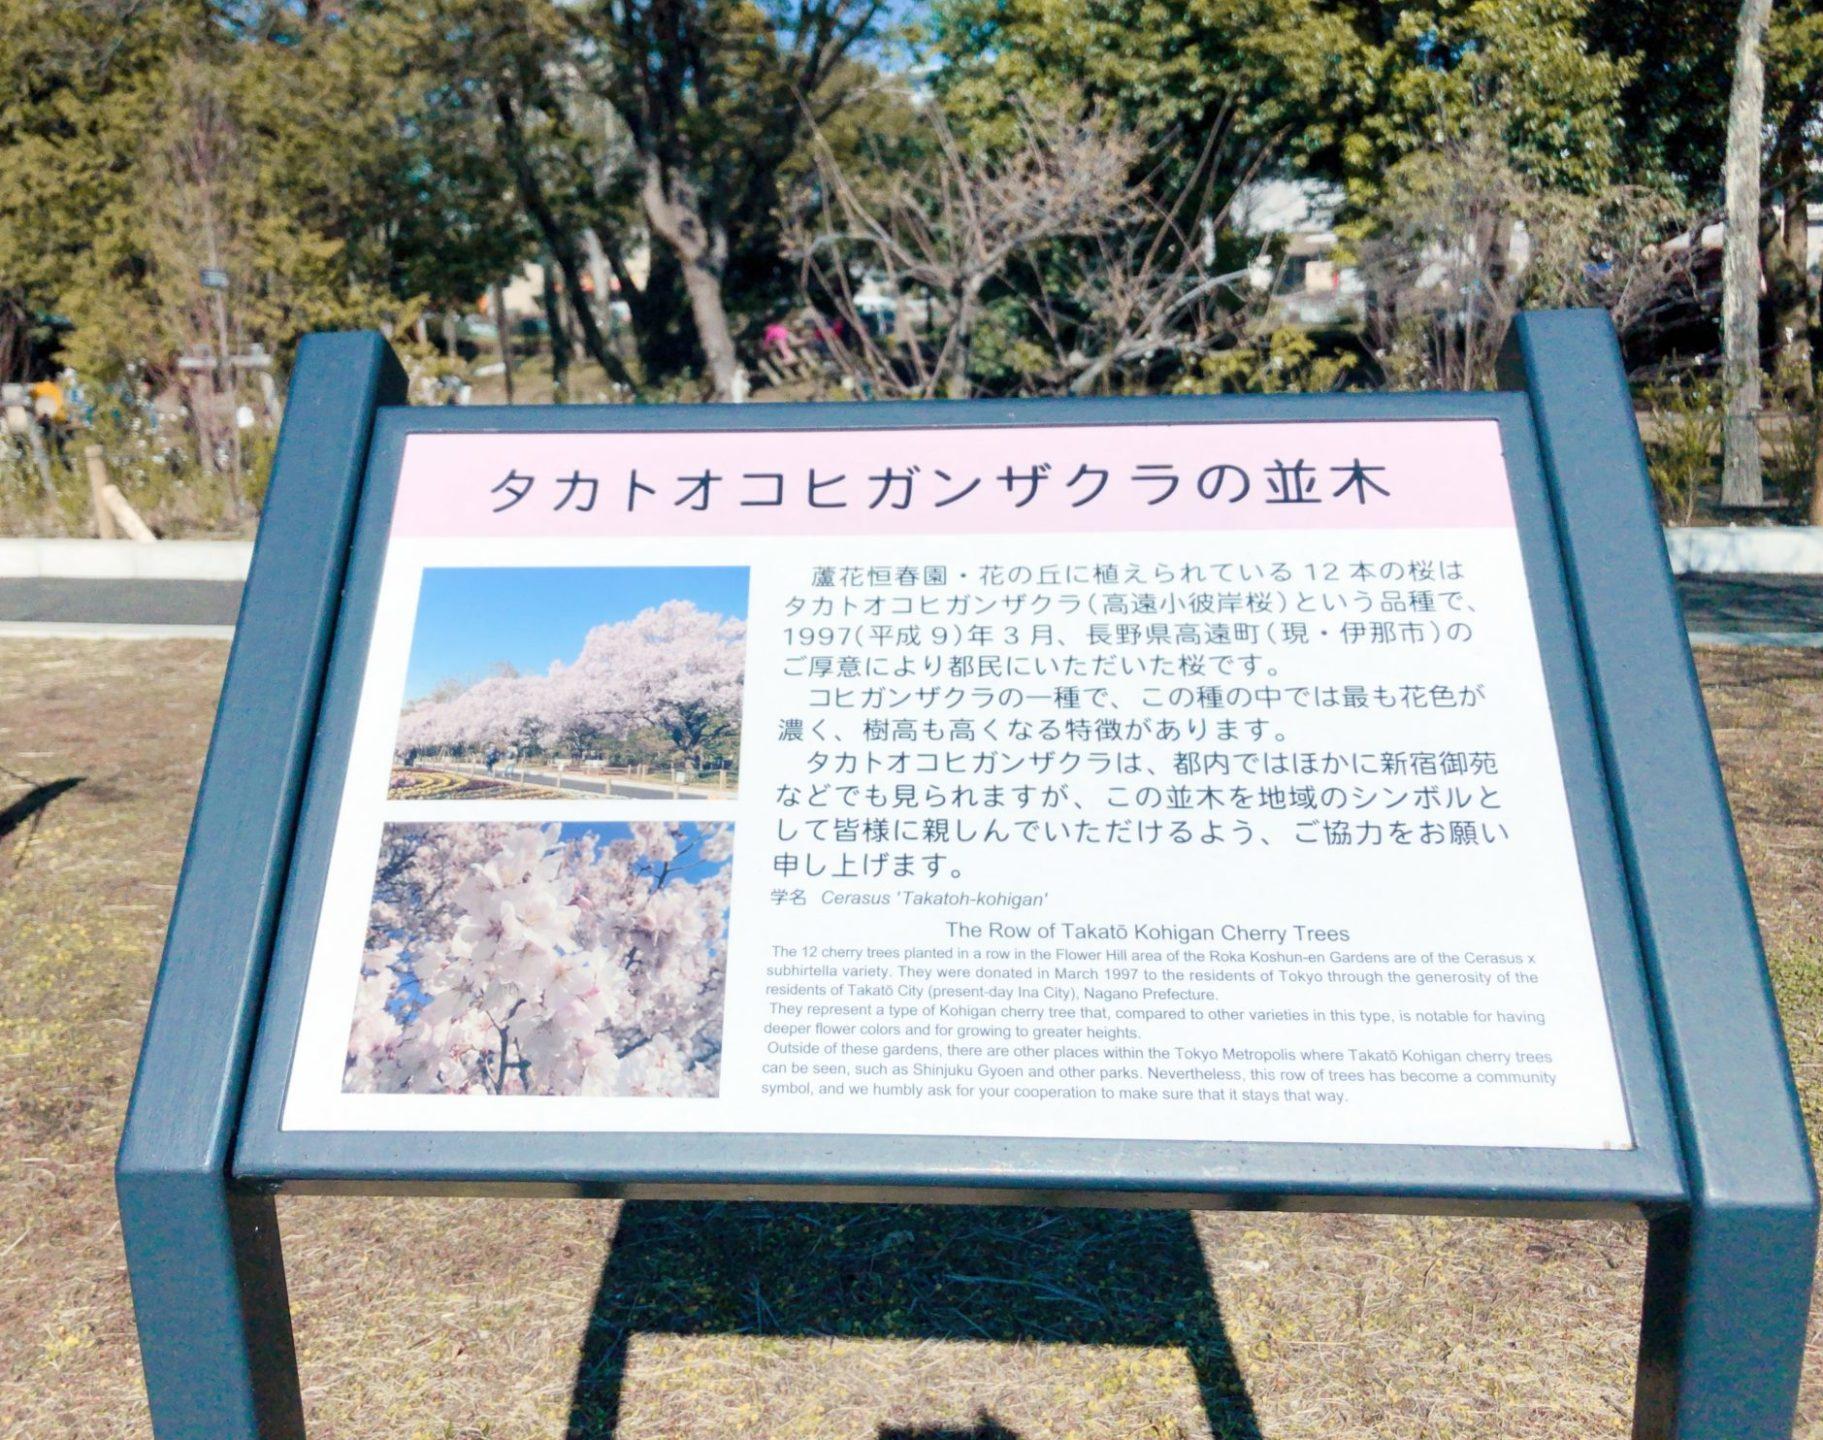 芦花公園(蘆花恒春園)のタカトオコヒガンザクラ